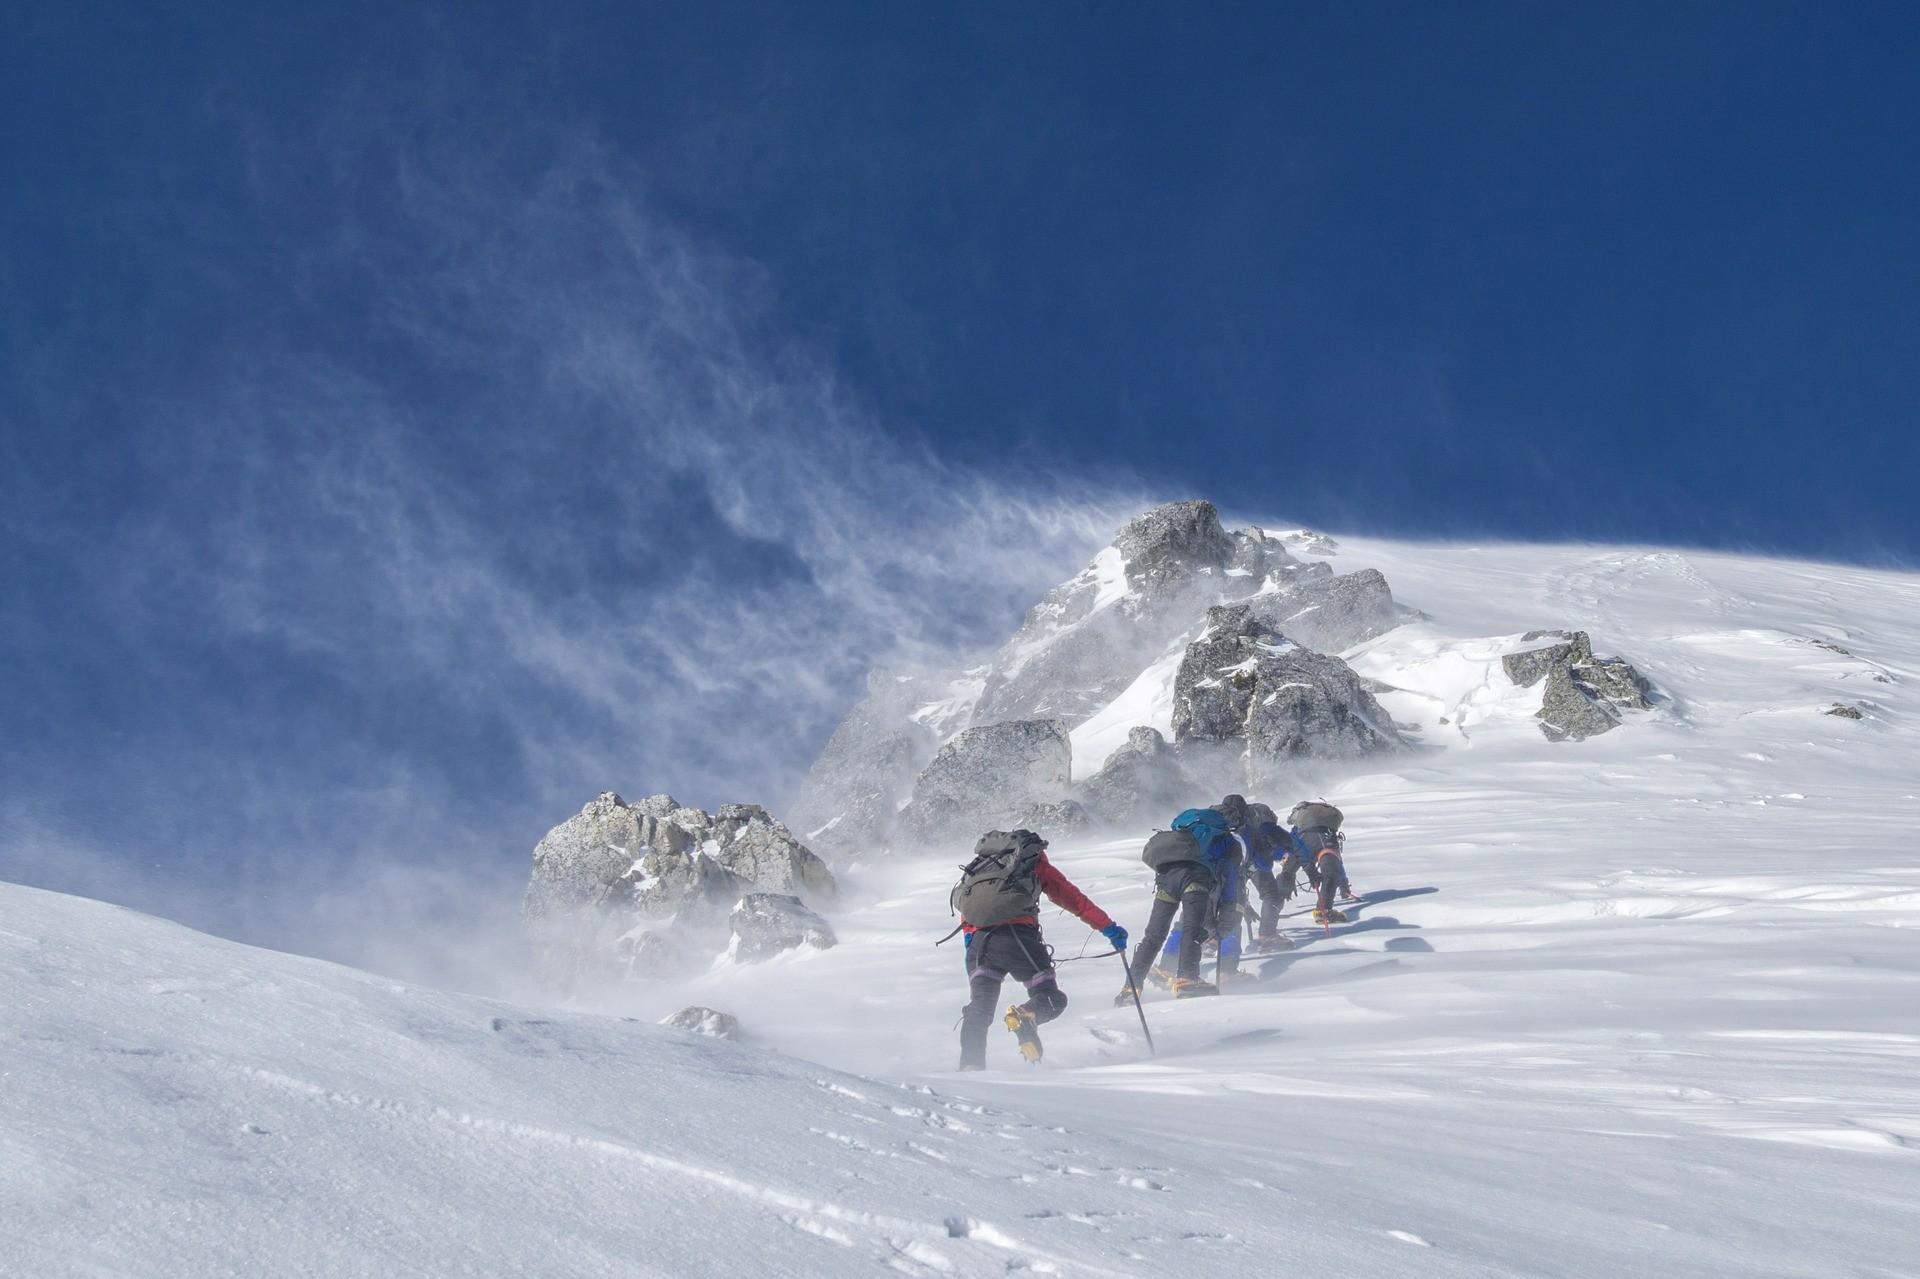 ▲登山。(圖/取自免費圖庫pixabay)